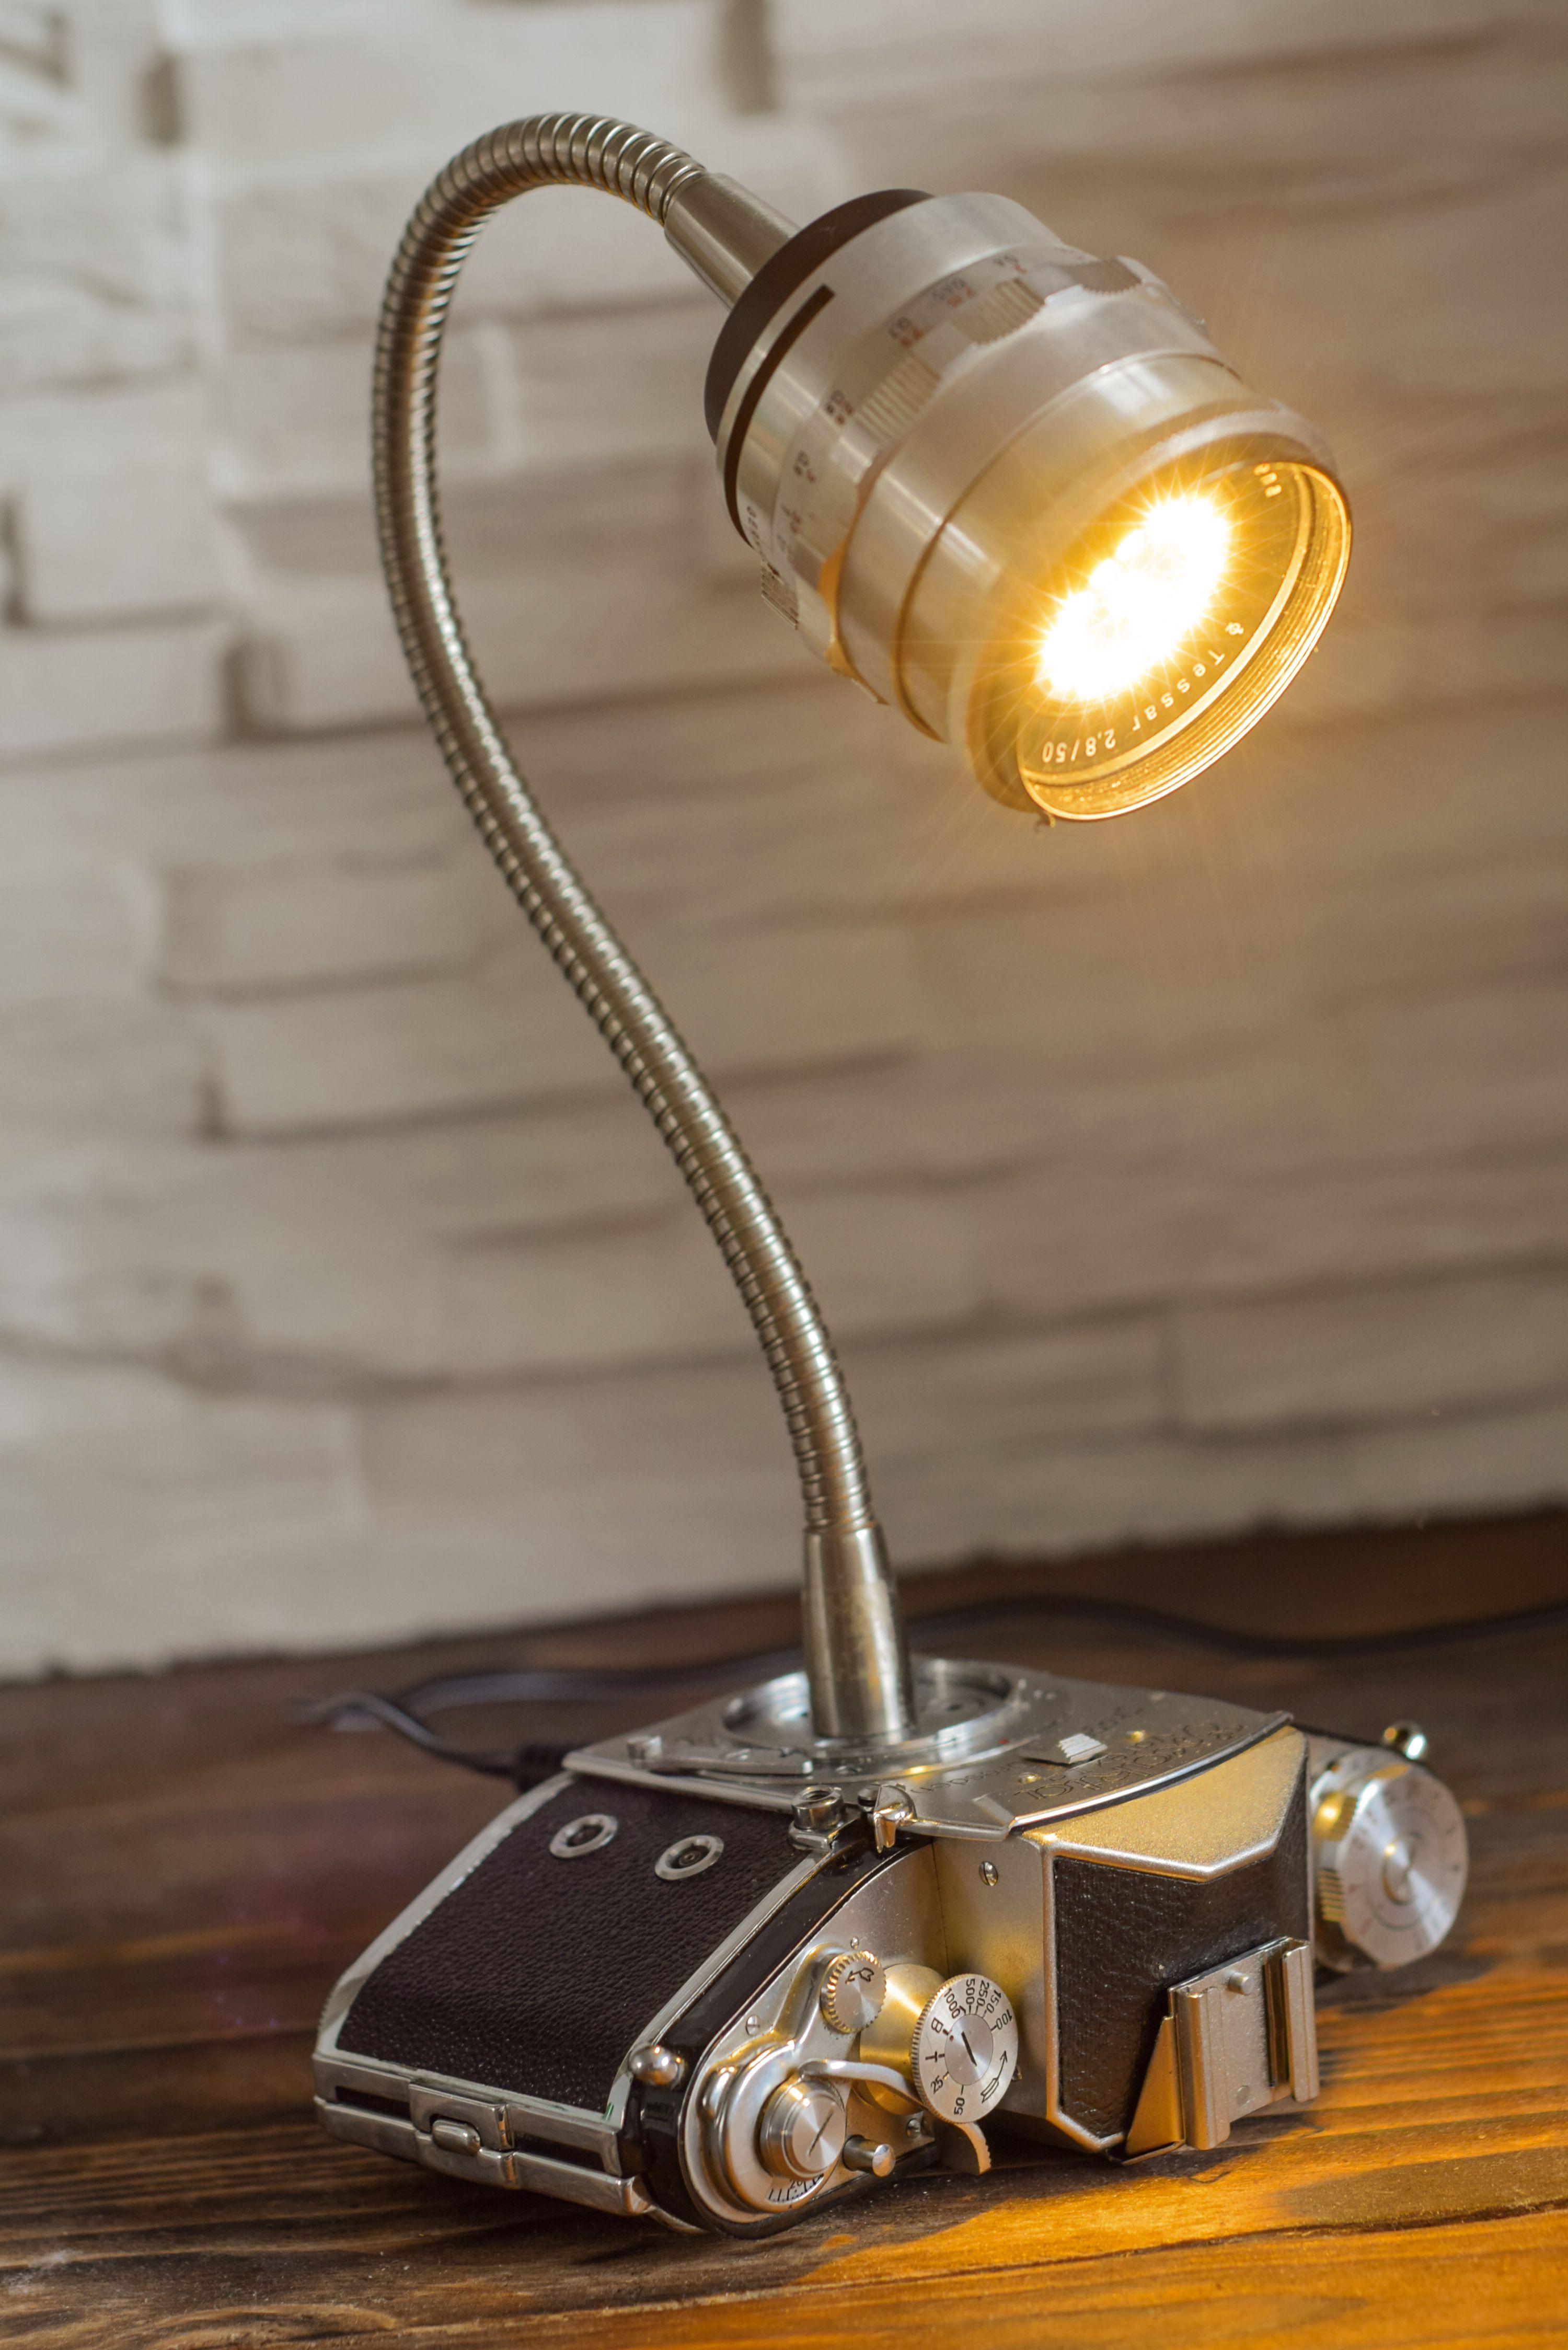 Exakta Varex 2a Umgebaut Zur Kameralampe Camera Lamp Lamp Cool Lamps